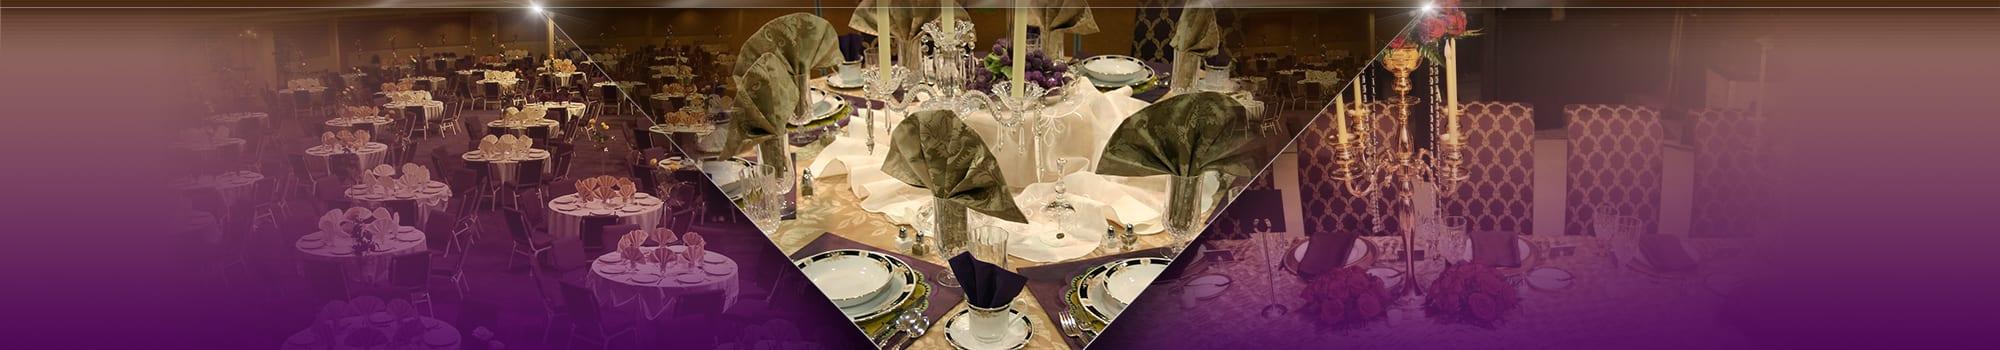 meeting banquet